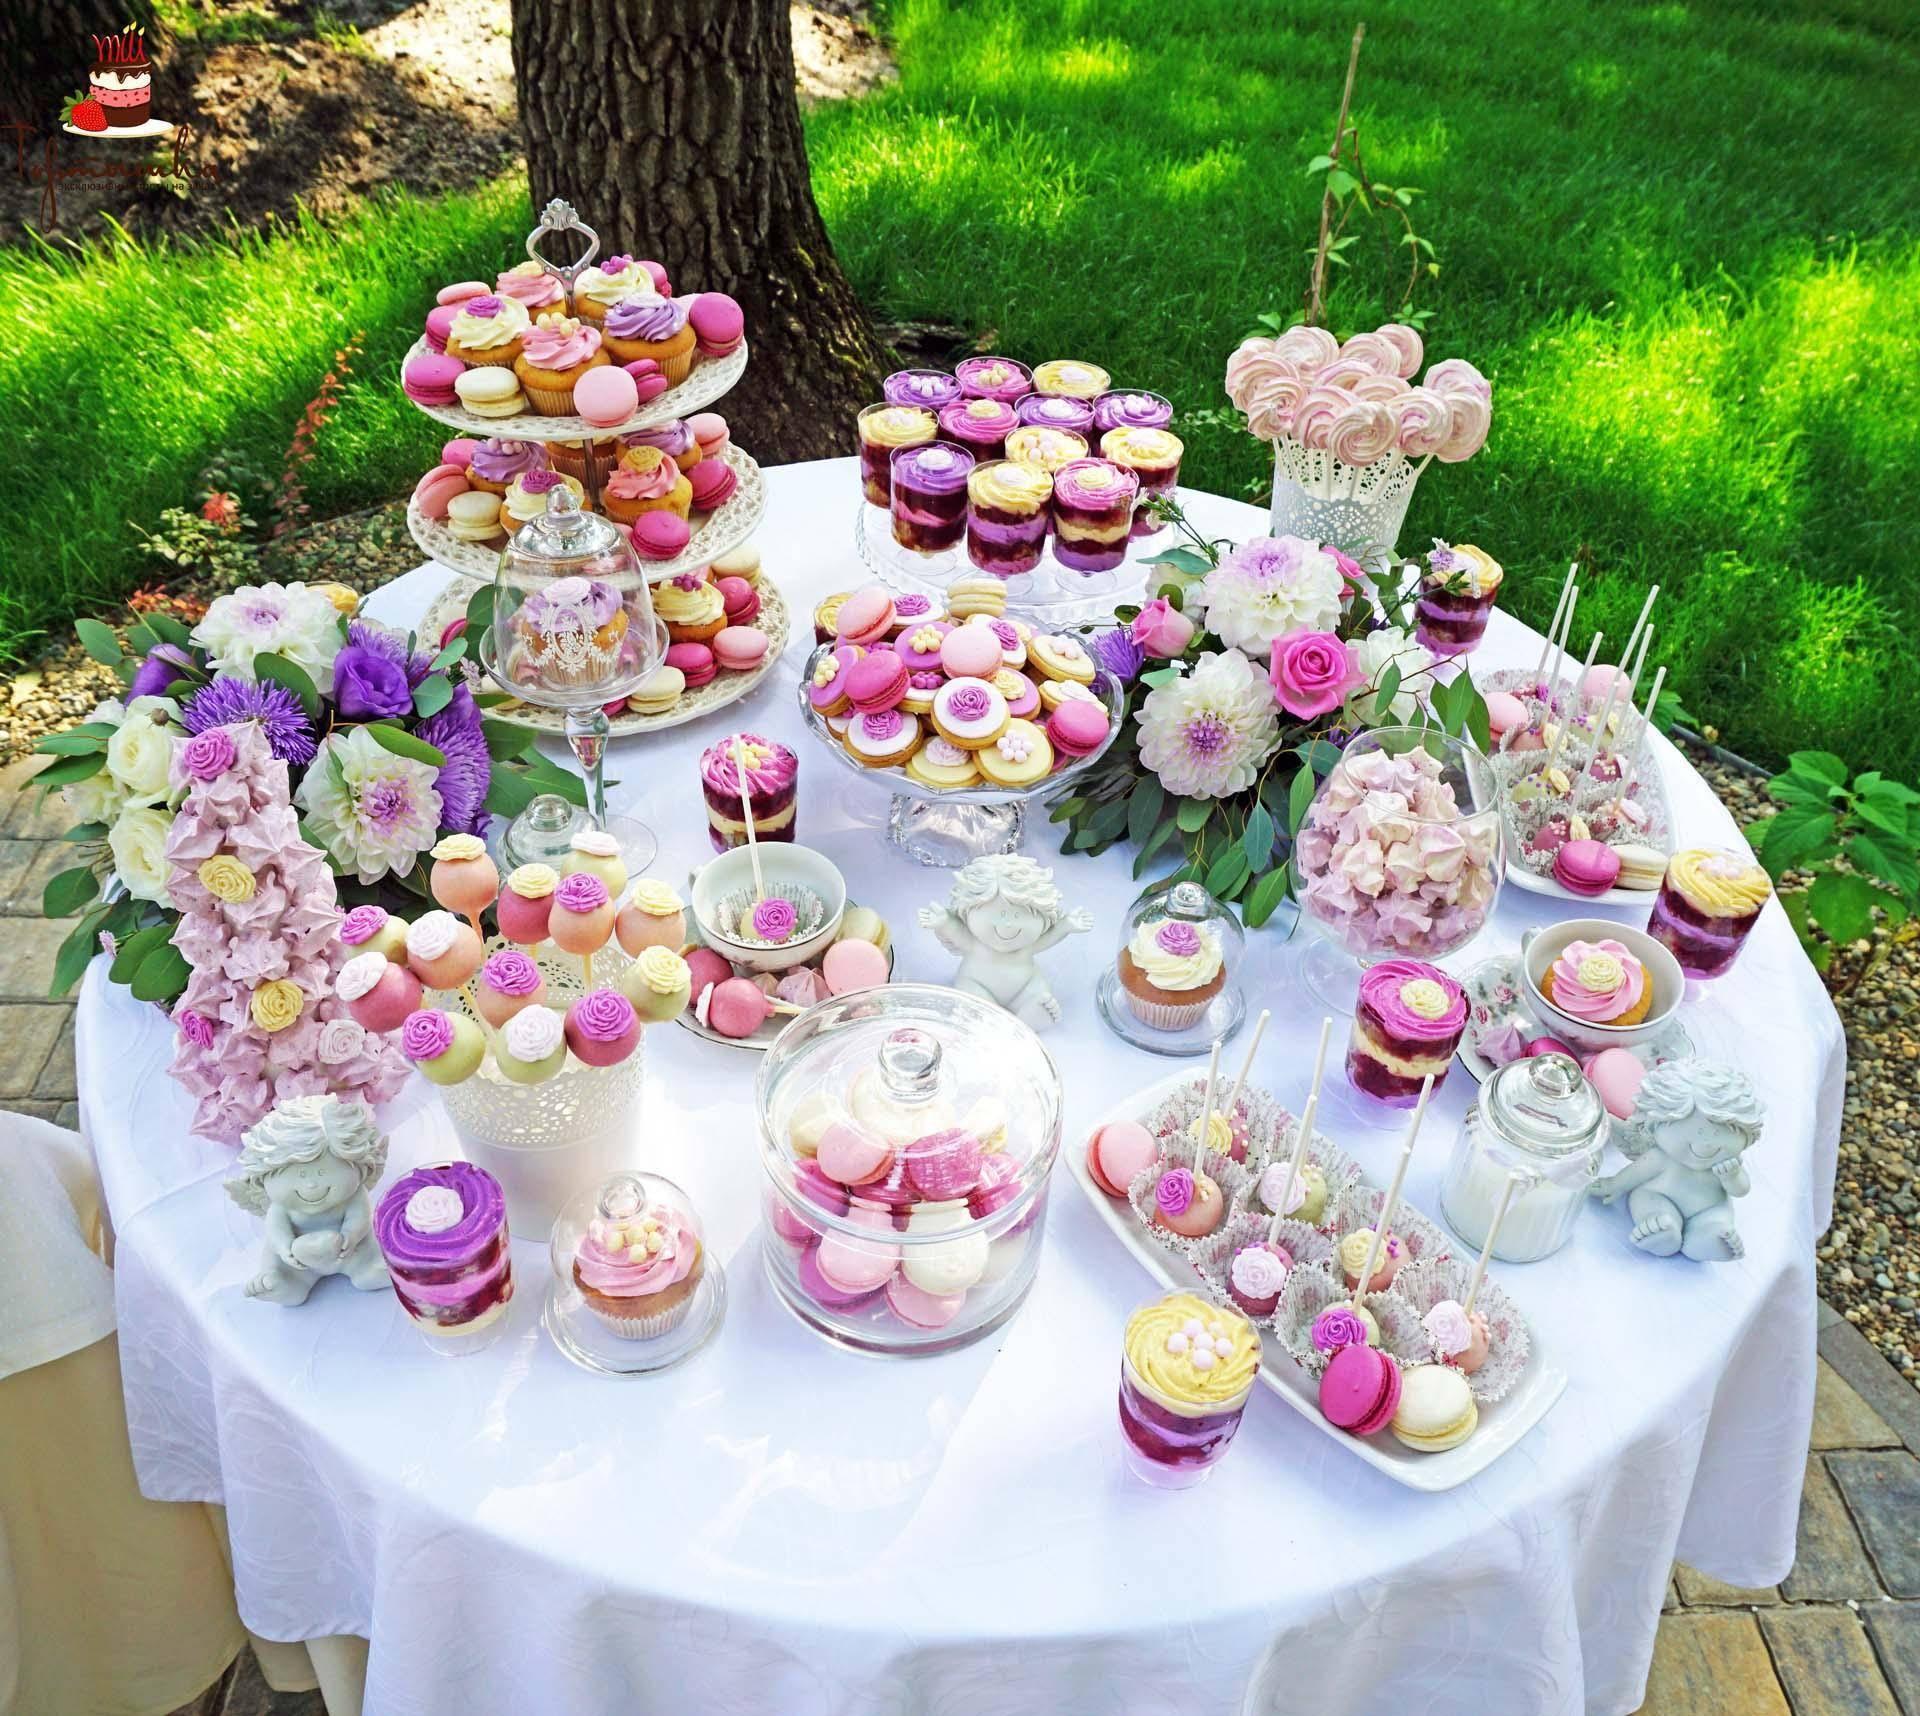 Сладкий стол на свадьбе. Посмотри — как вкусно, попробуй — как красиво!